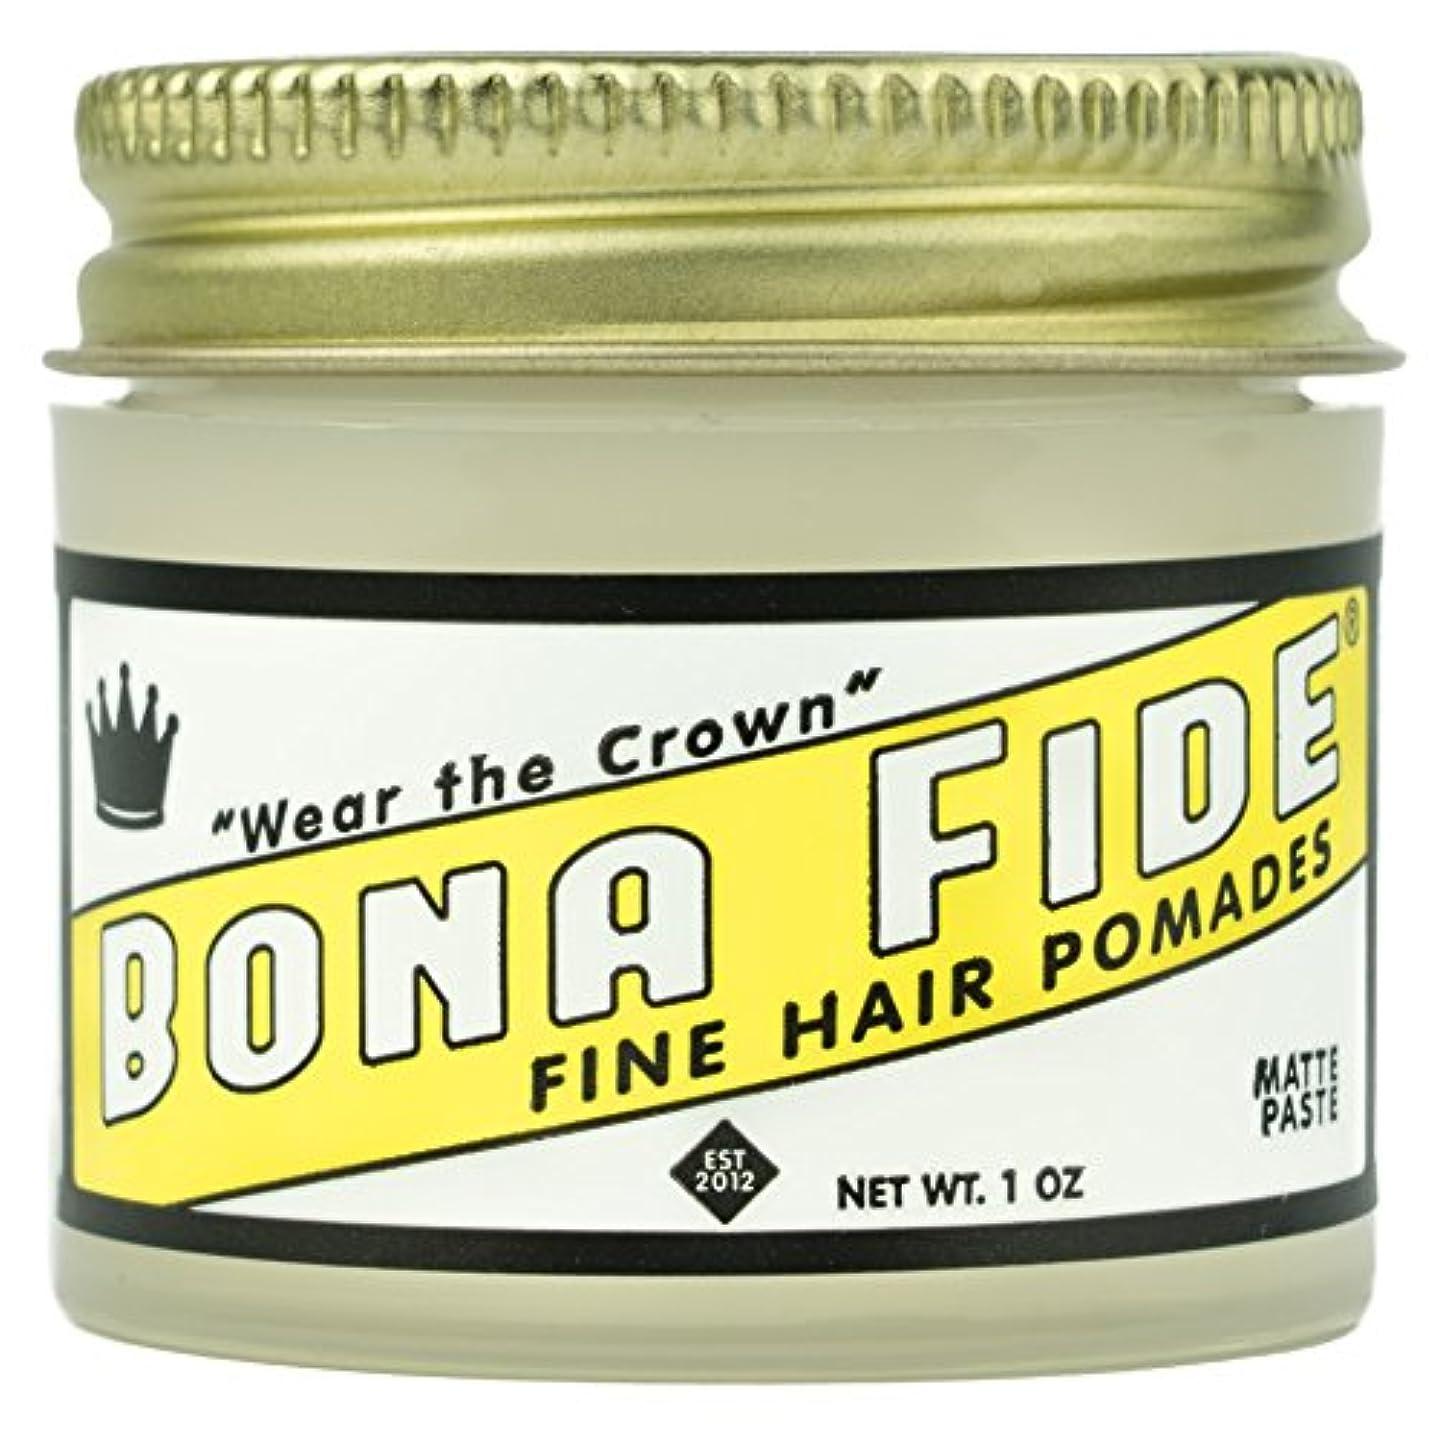 異議佐賀老人Bona Fide Pomade, マットペースト 1oz (28g) / トラベルサイズ,水性/グリース